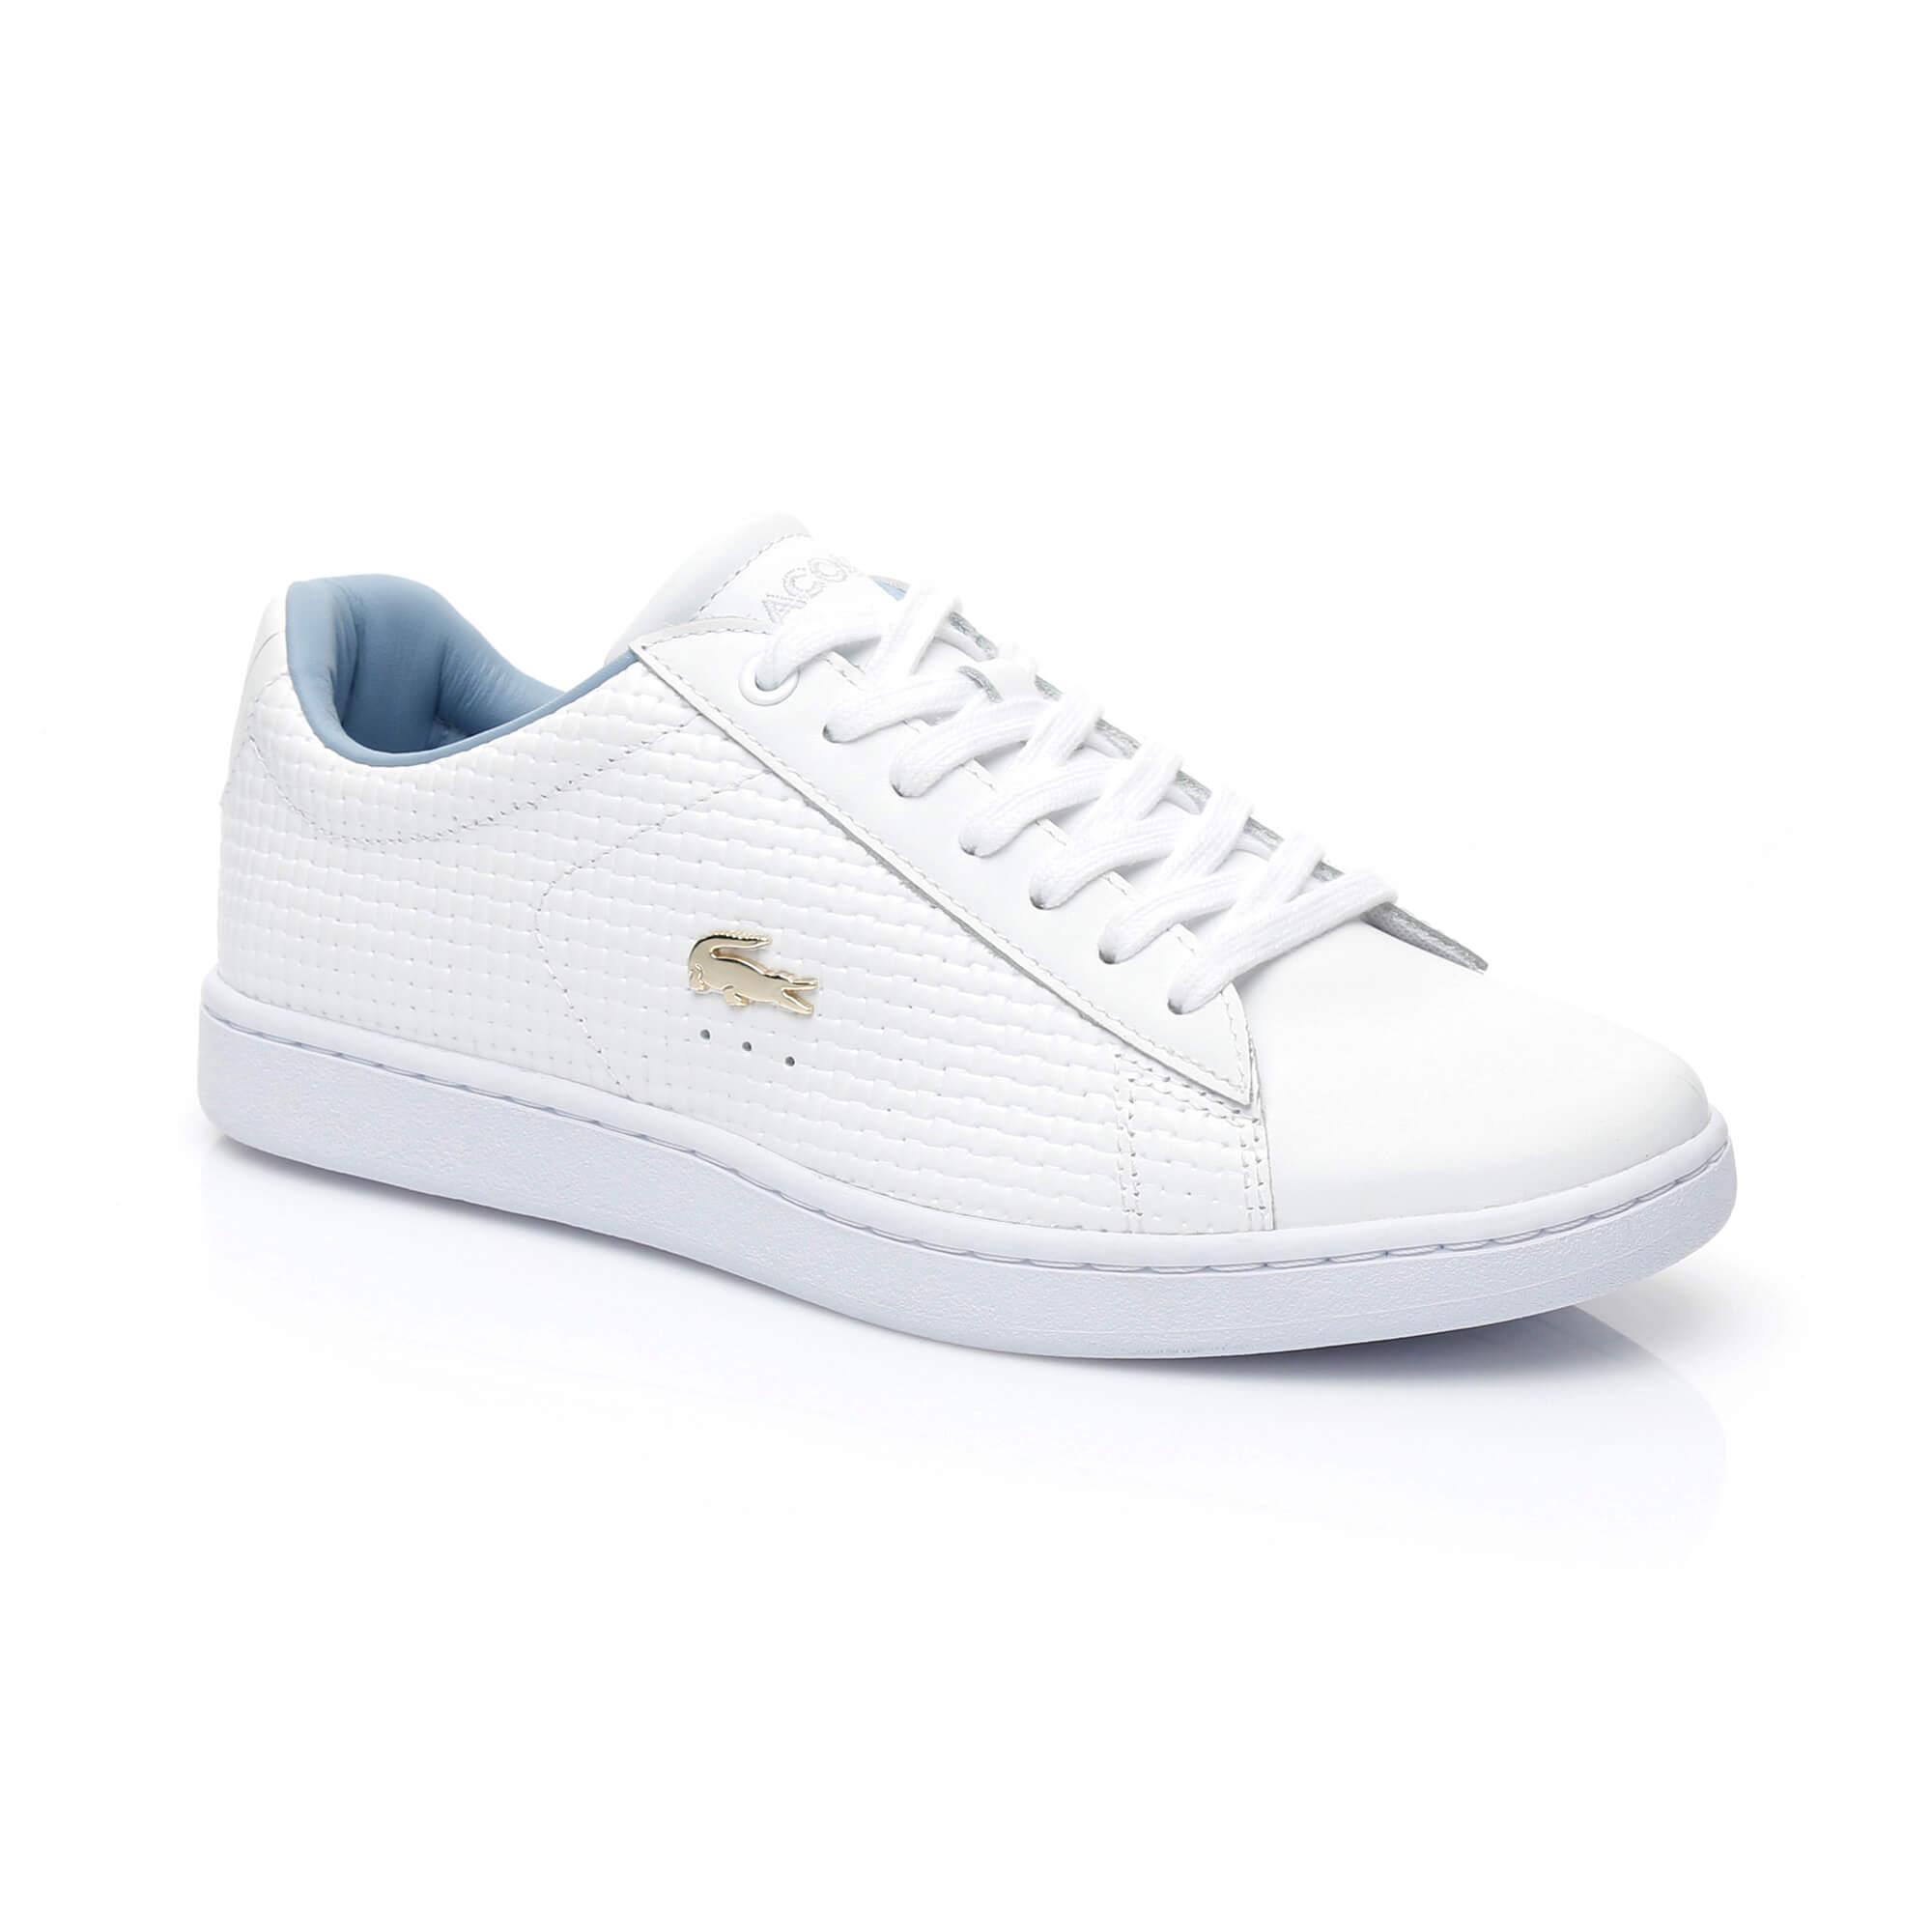 Lacoste Carnaby Evo Kadın Sneaker